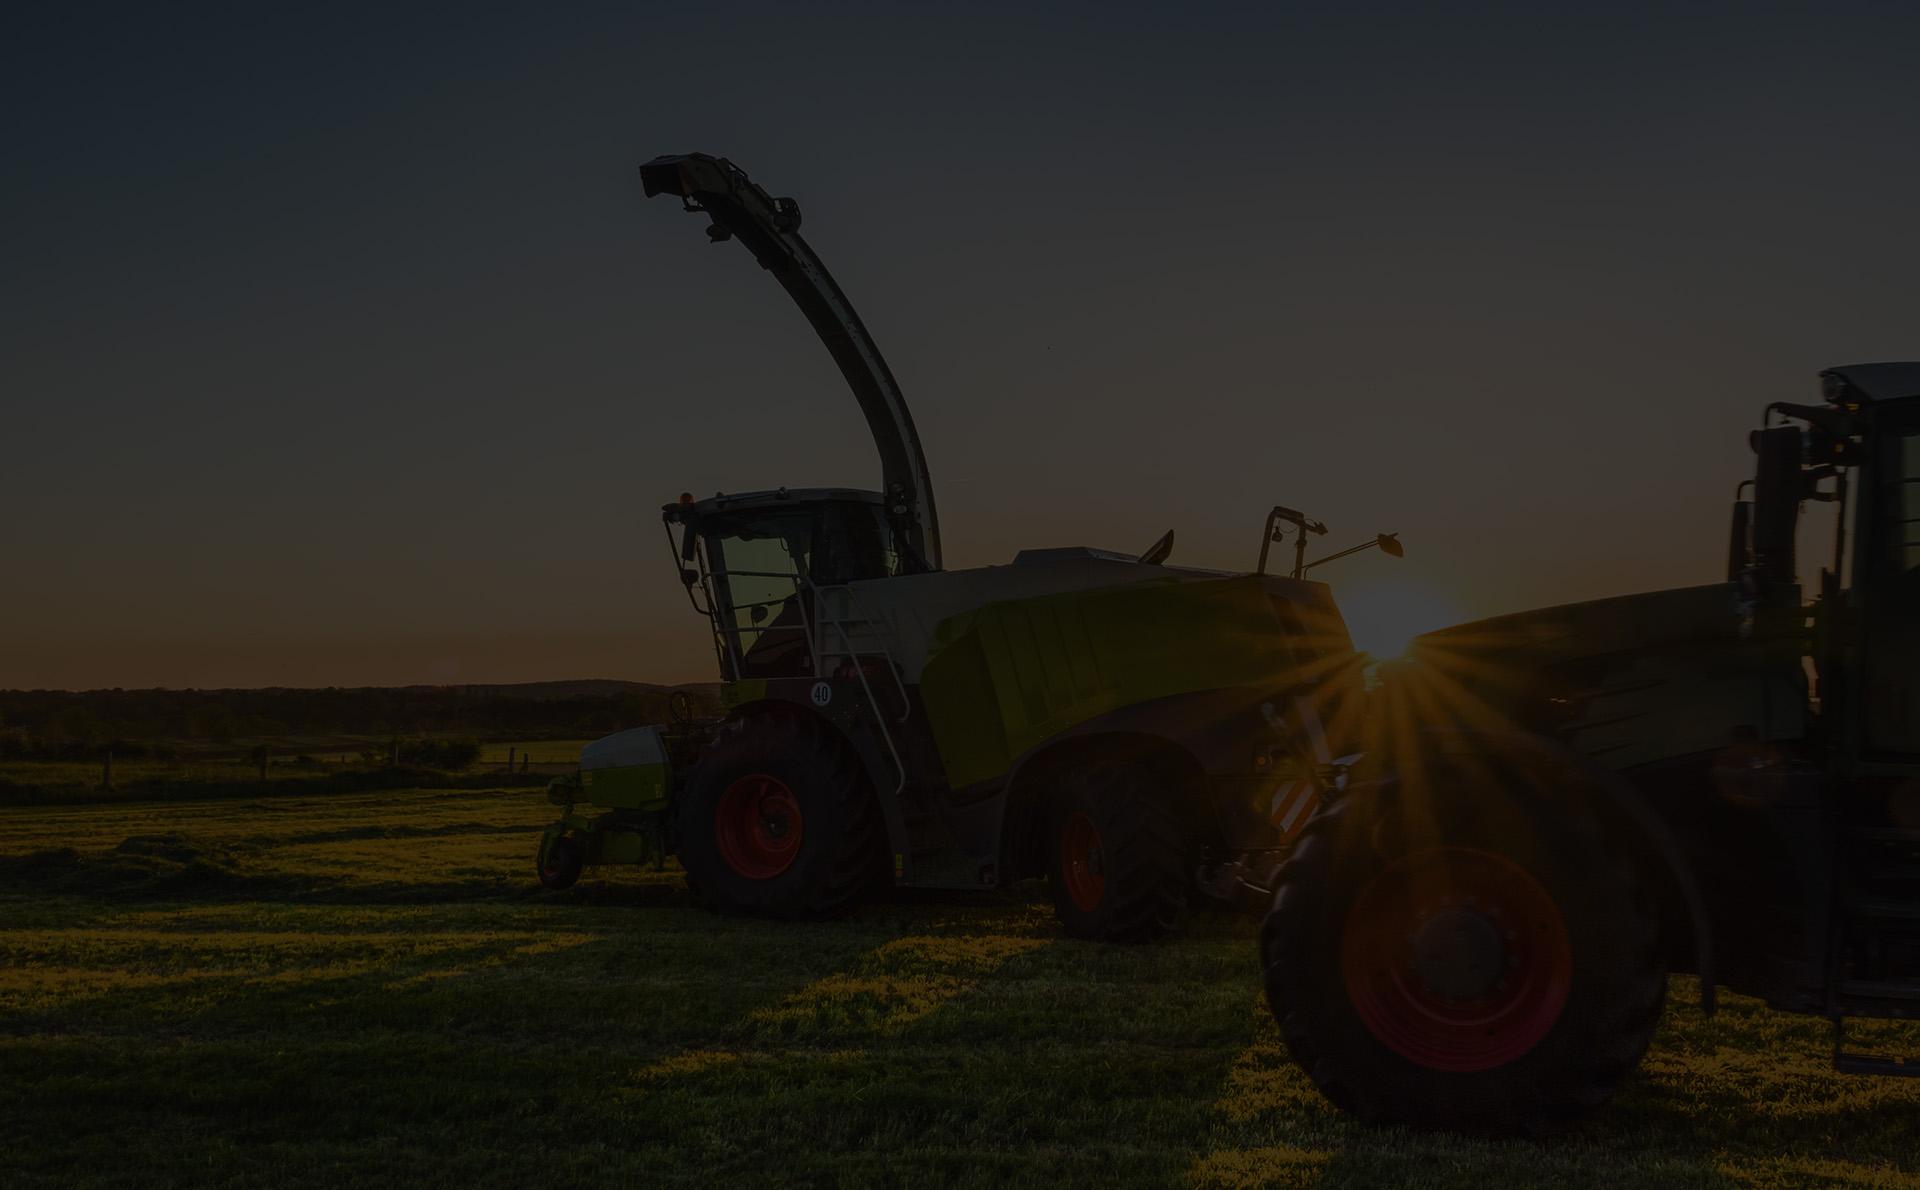 Materiels agricoles et espaces verts